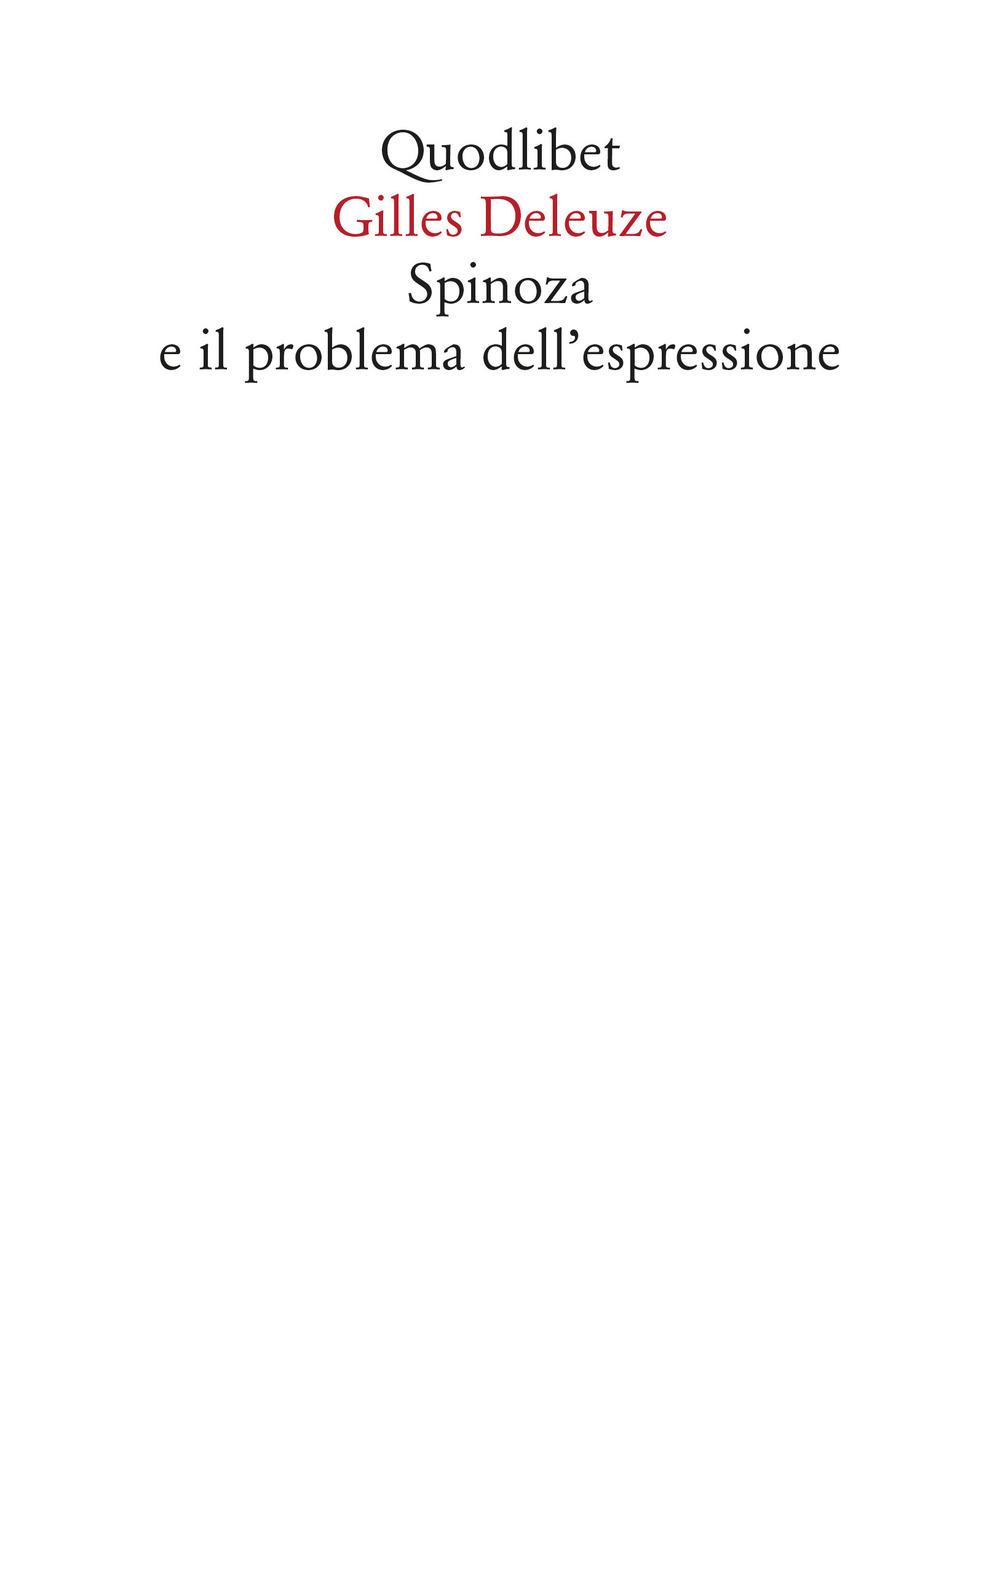 SPINOZA E IL PROBLEMA DELL'ESPRESSIONE - Deleuze Gilles - 9788822904362